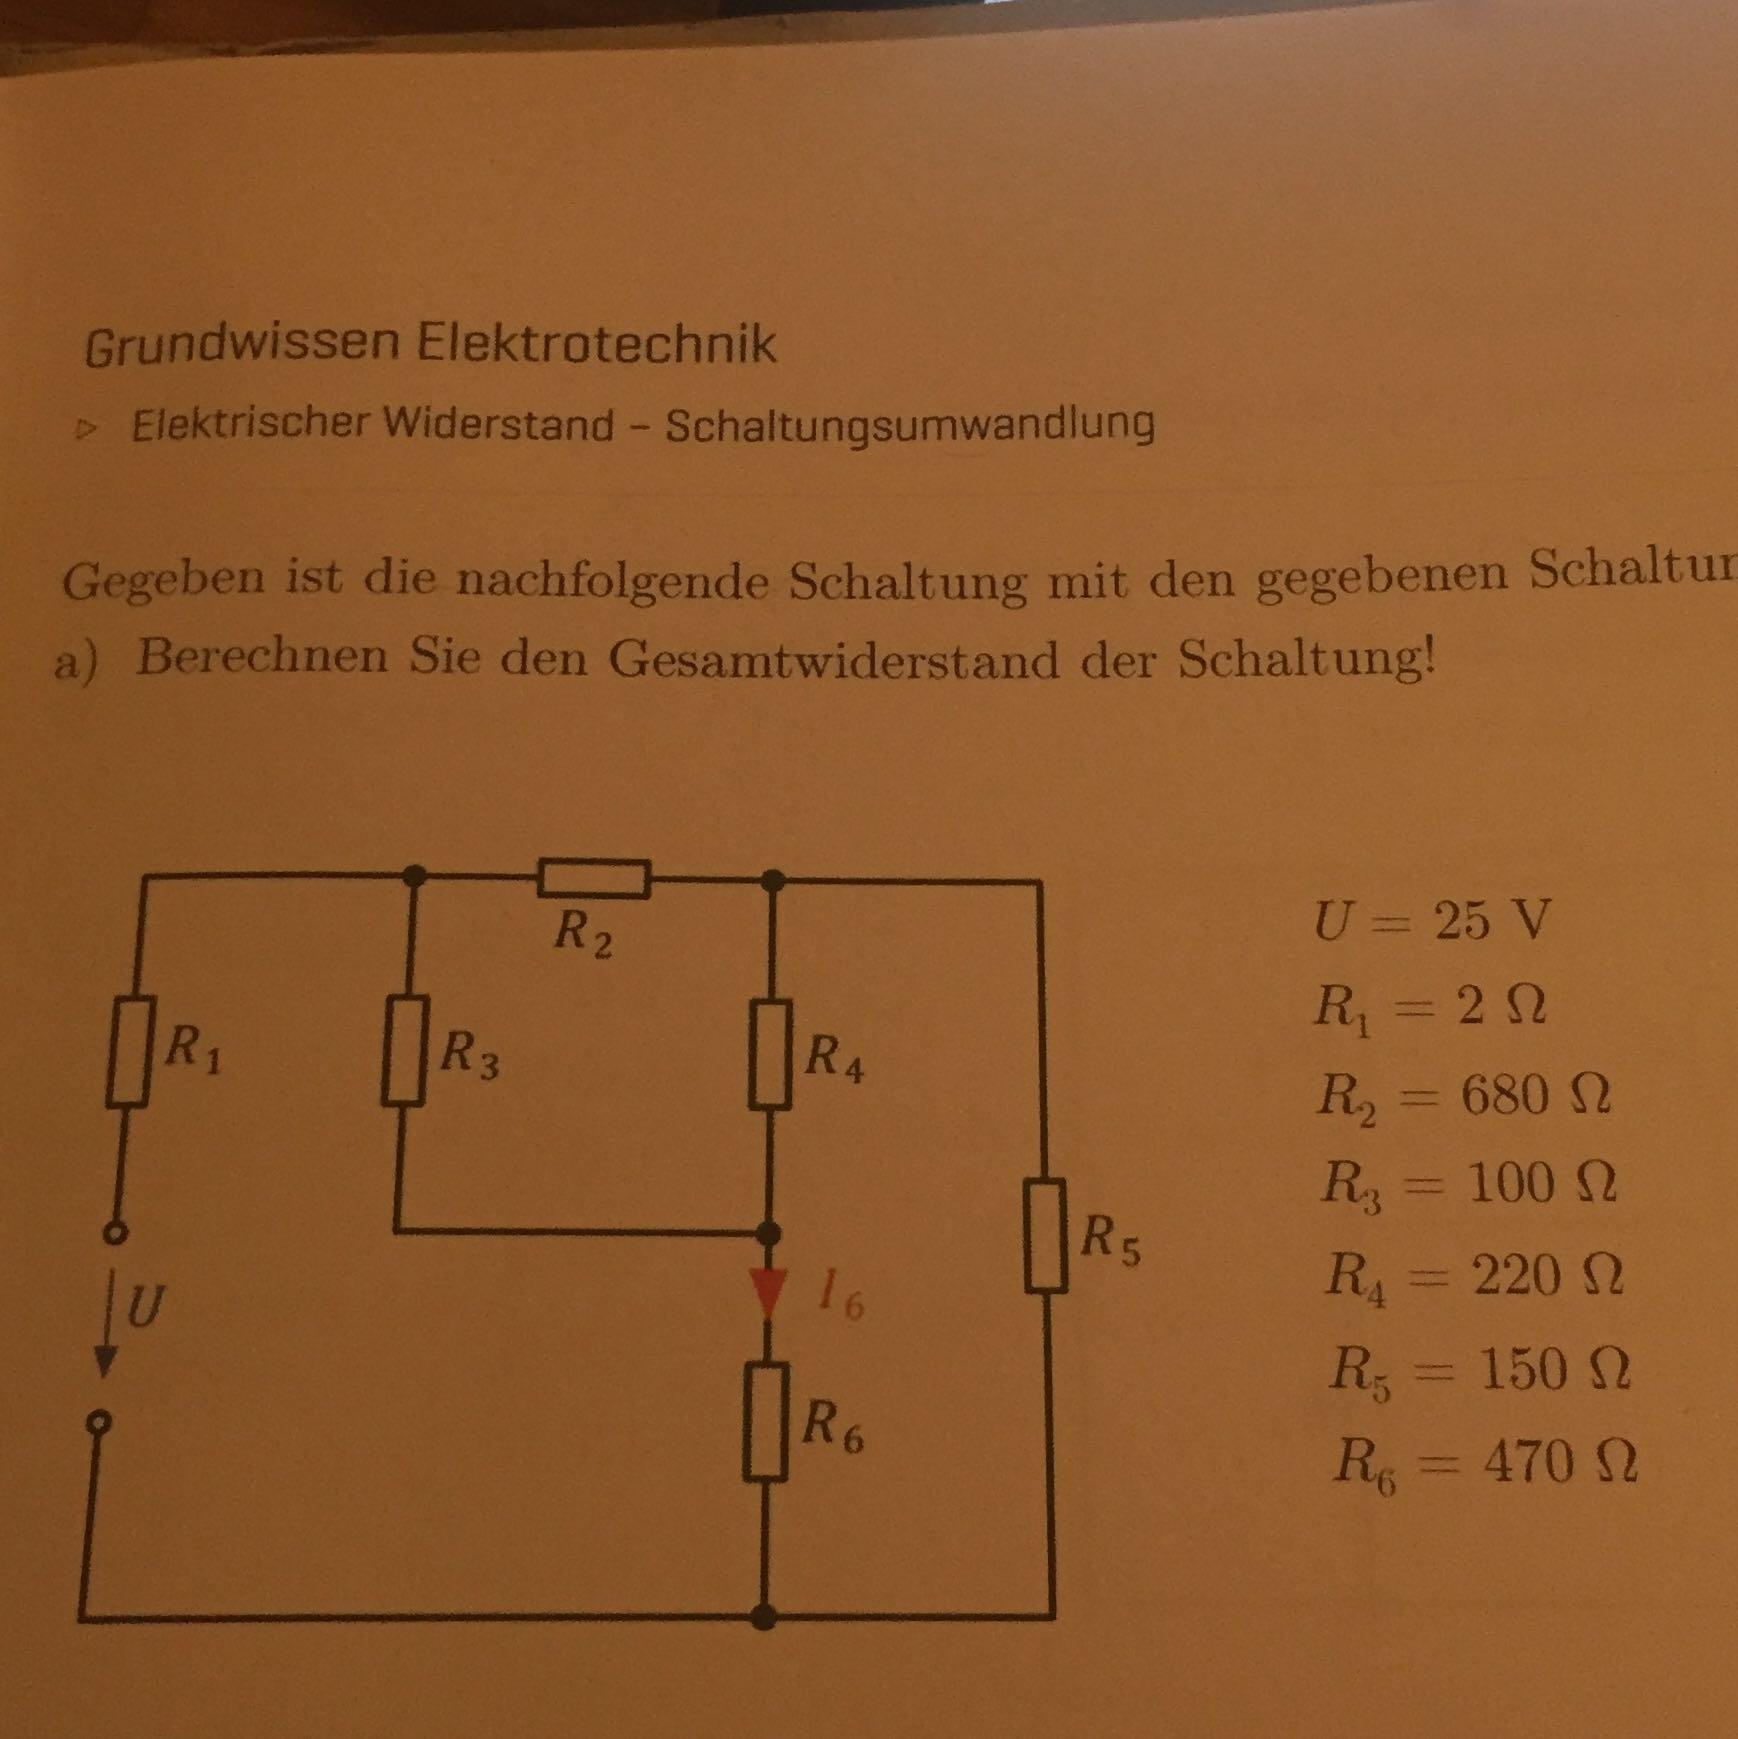 Fein Elektrisches Schaltschema Fotos - Die Besten Elektrischen ...